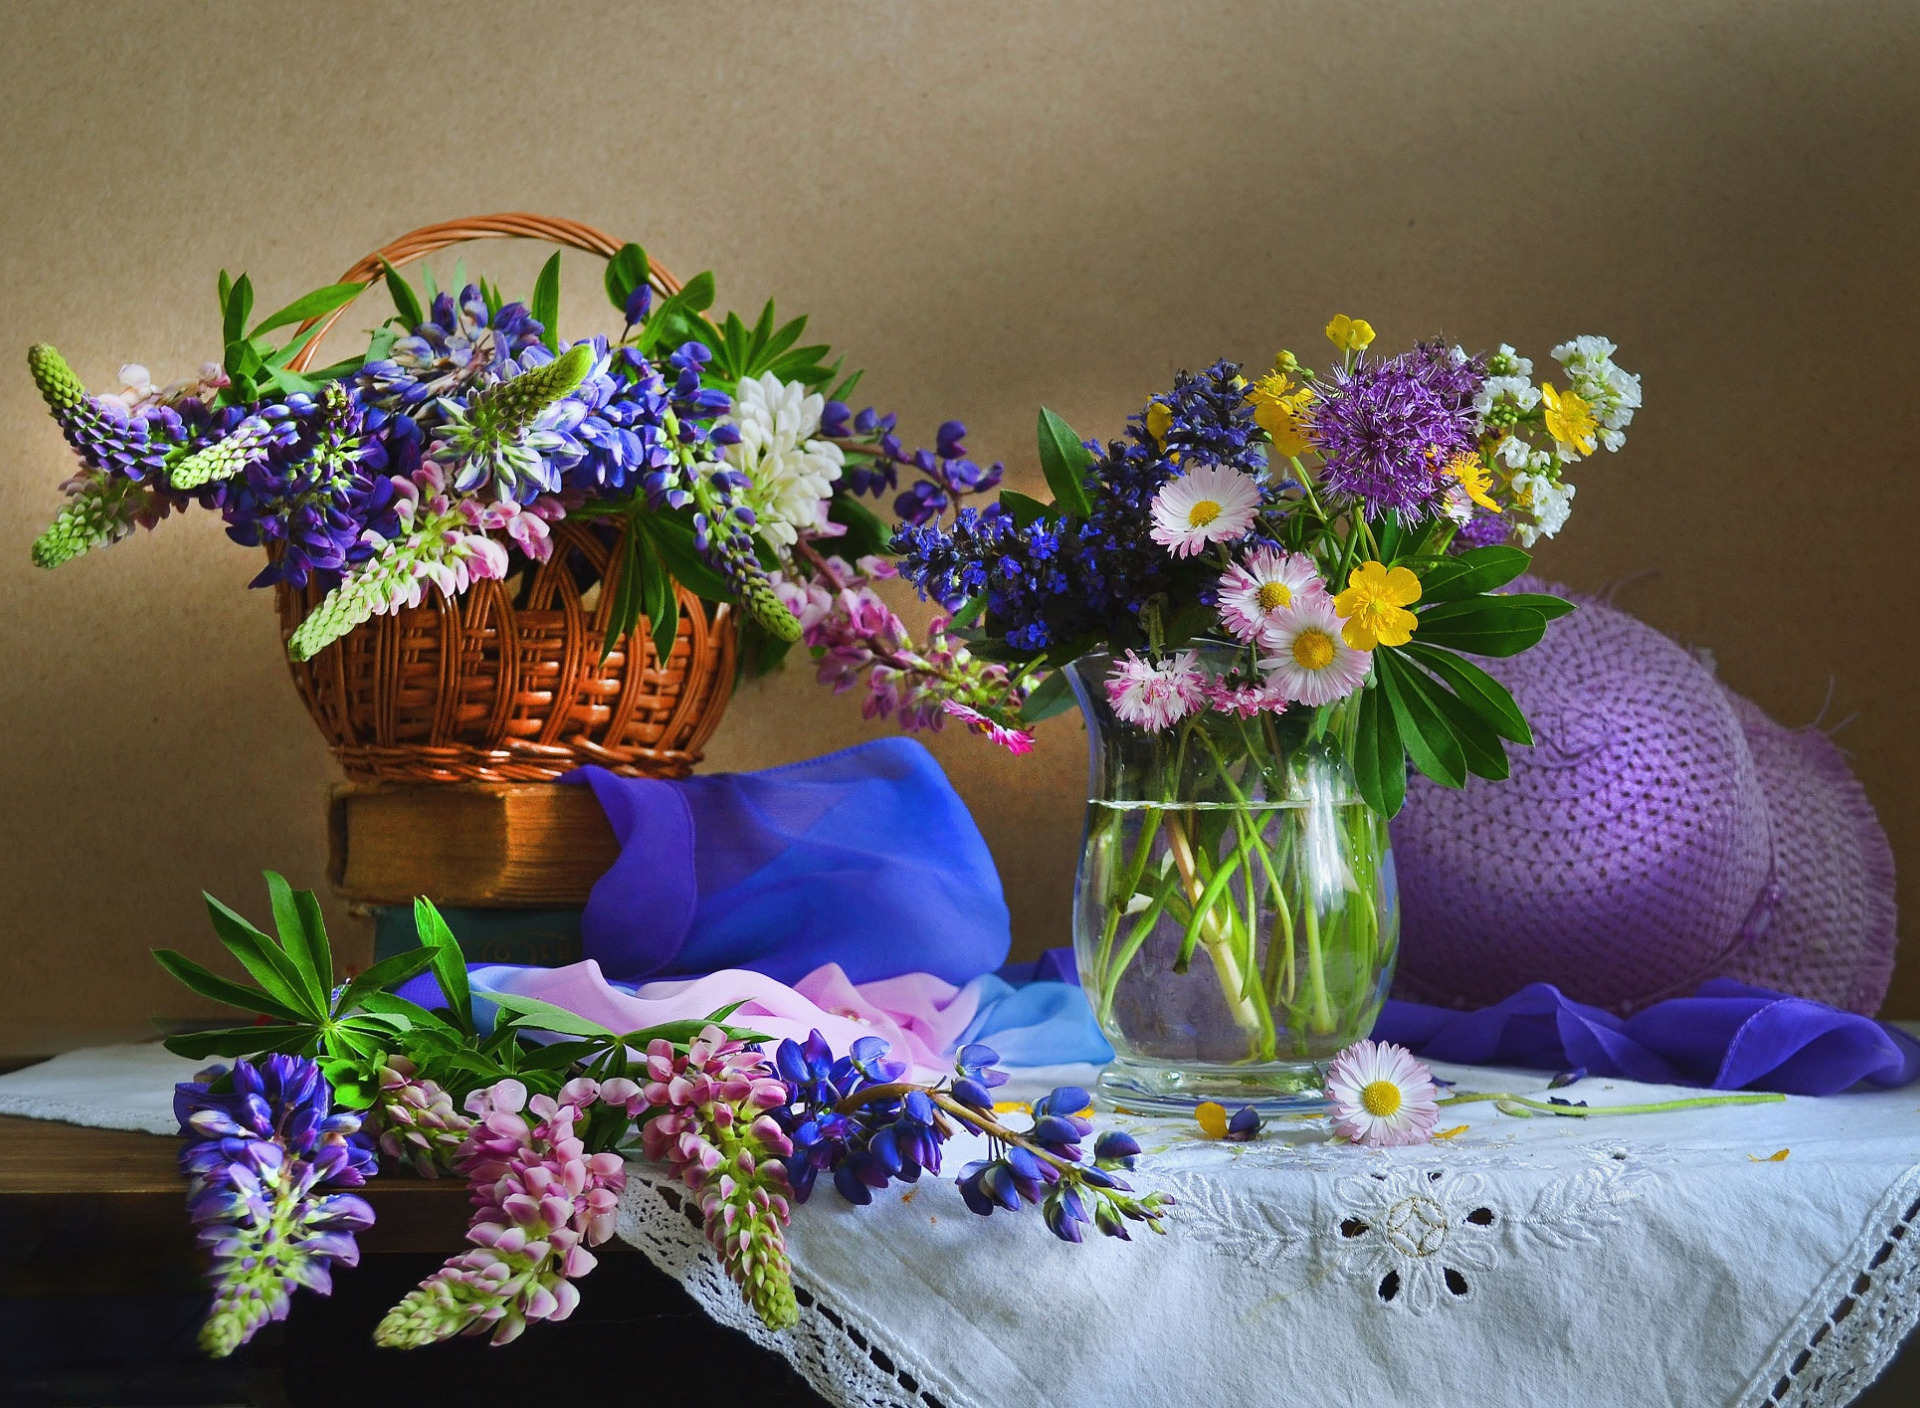 литературе цветы лета в вазах картинки смене пола мужской